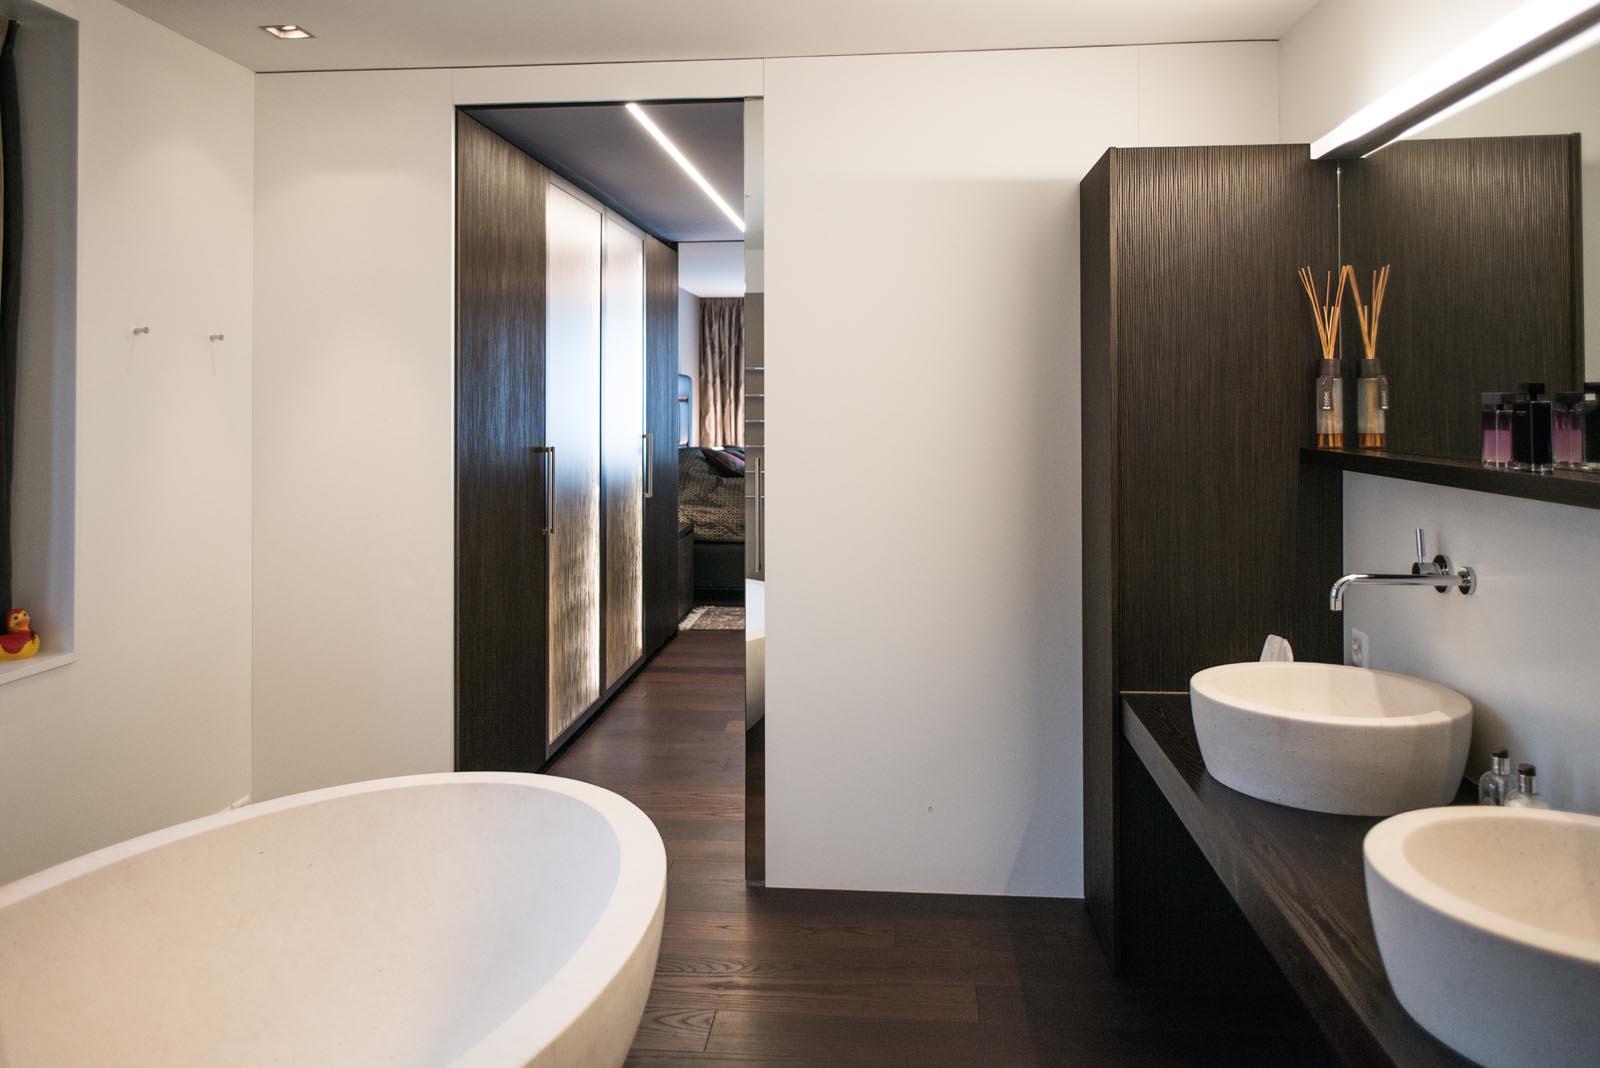 Urbanes Design mit moderner Innenarchitektur in Zug | Regula Hotz ...